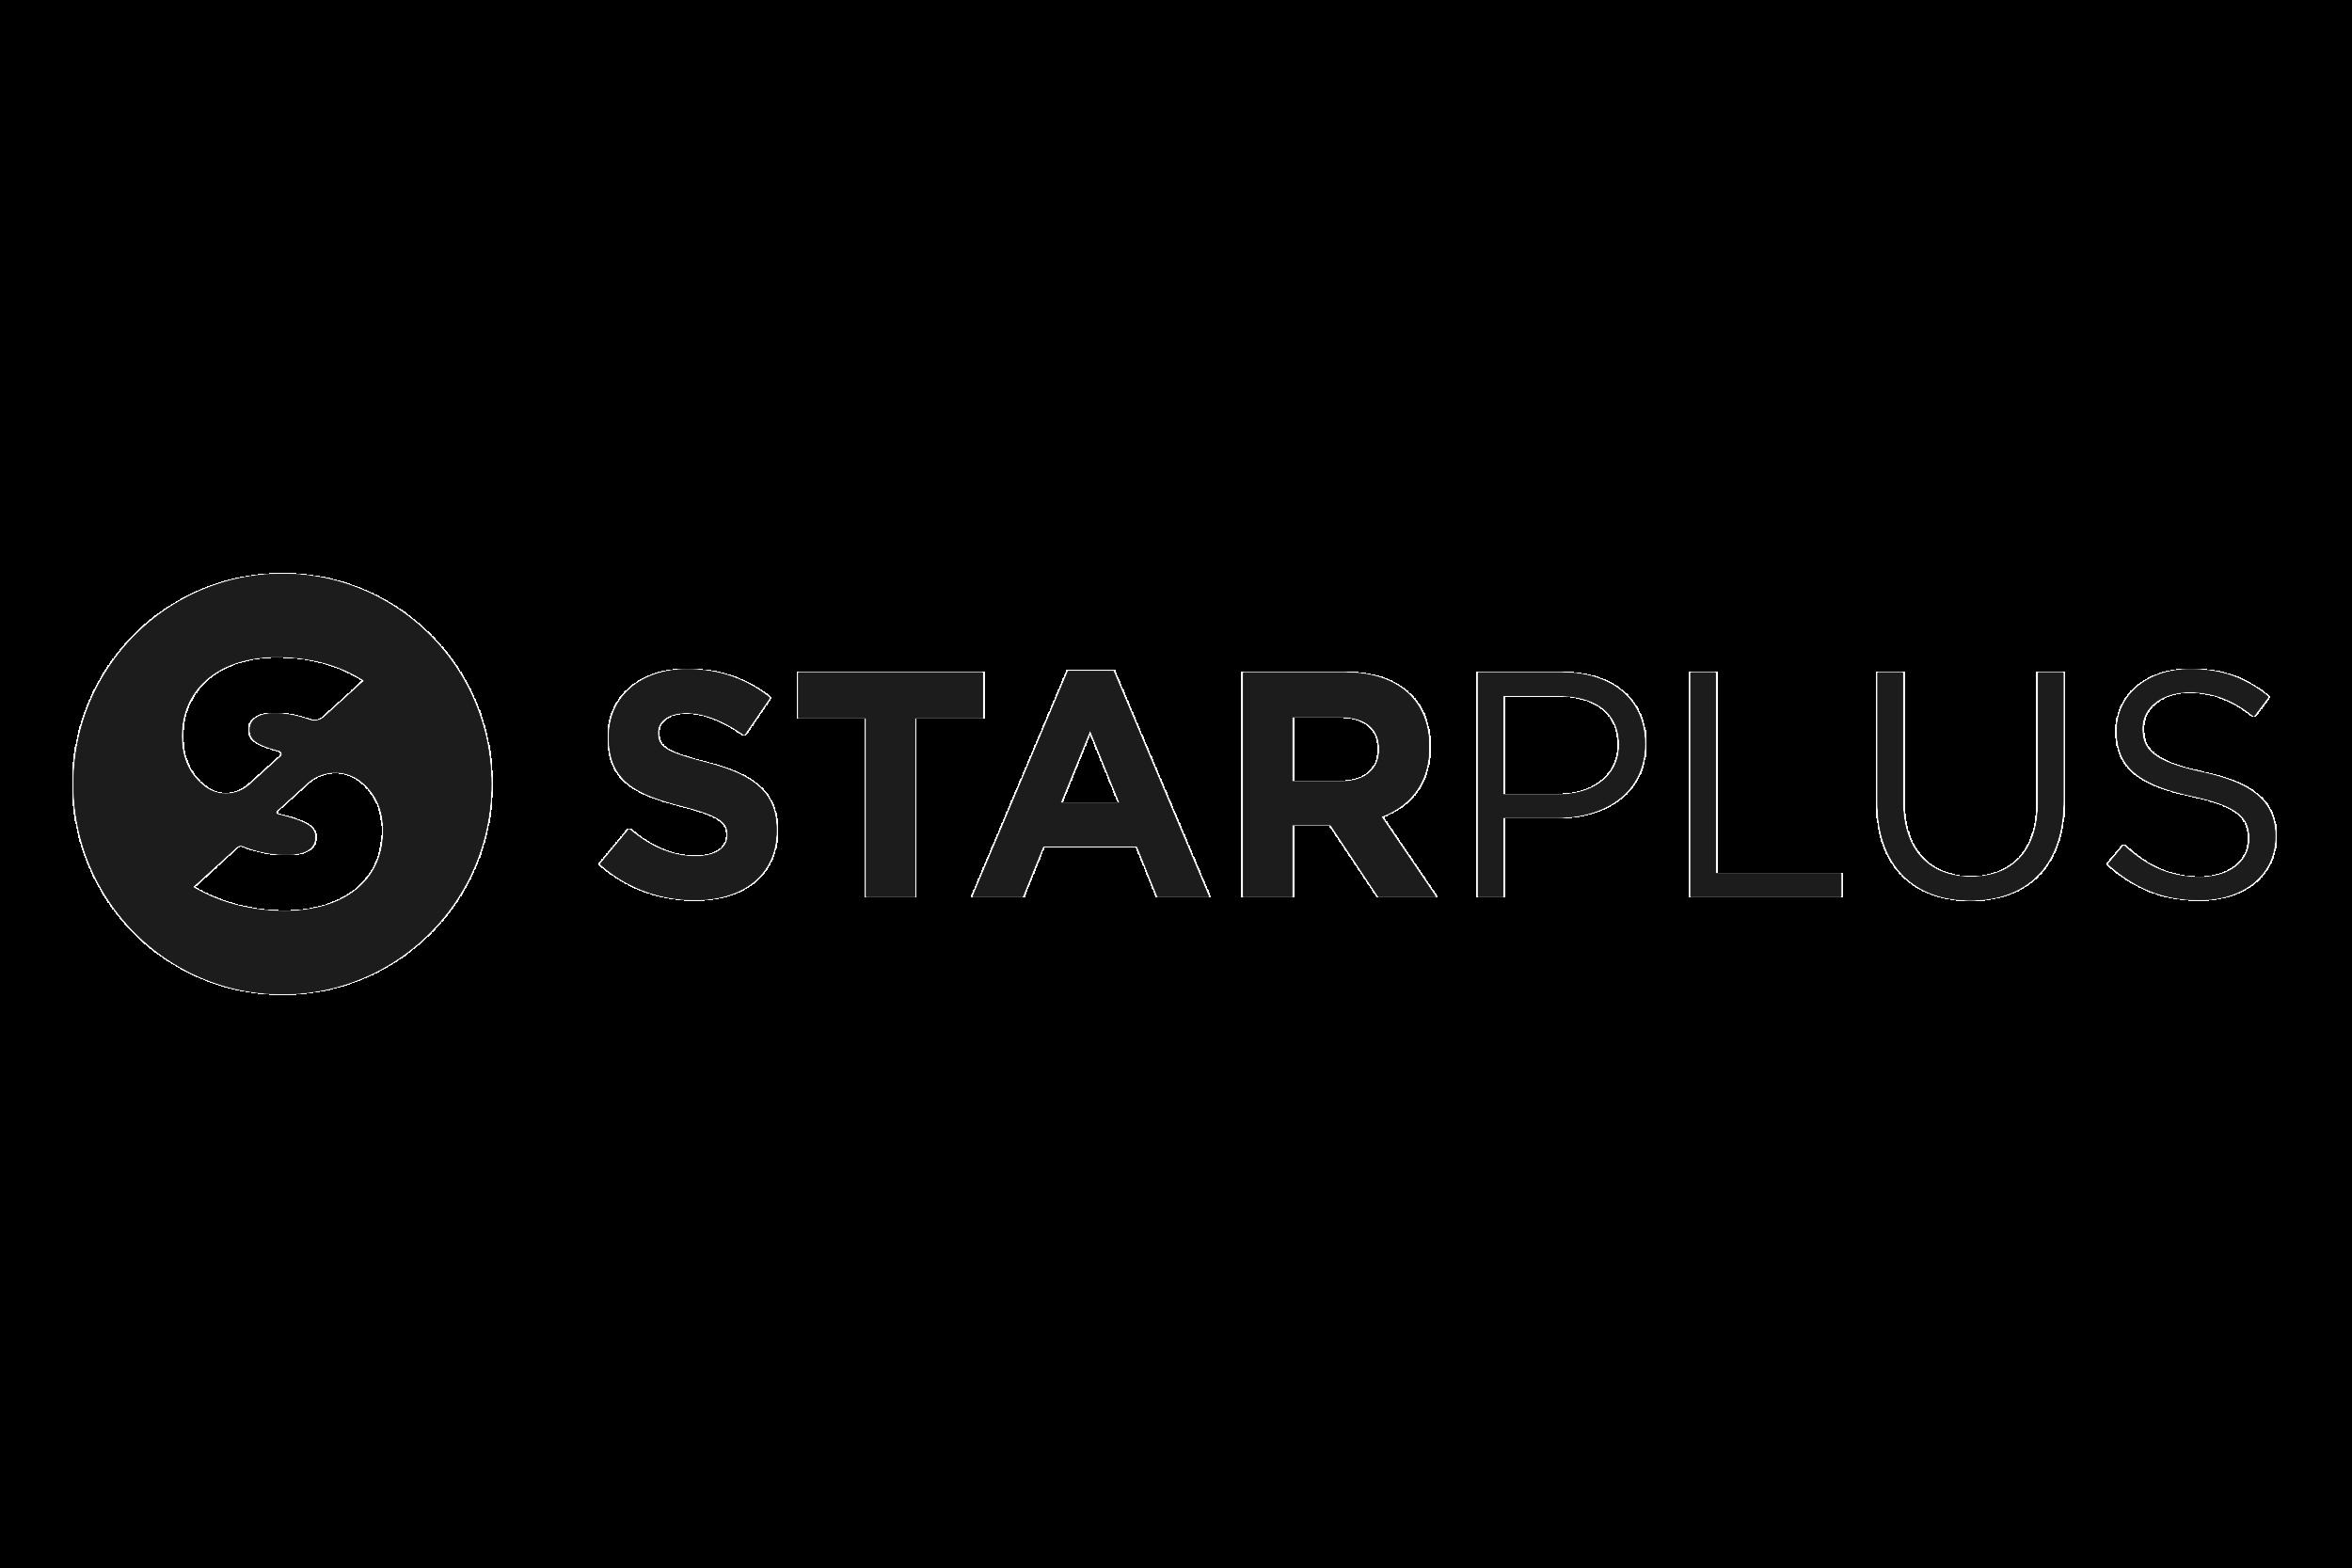 Starplus@3x.png